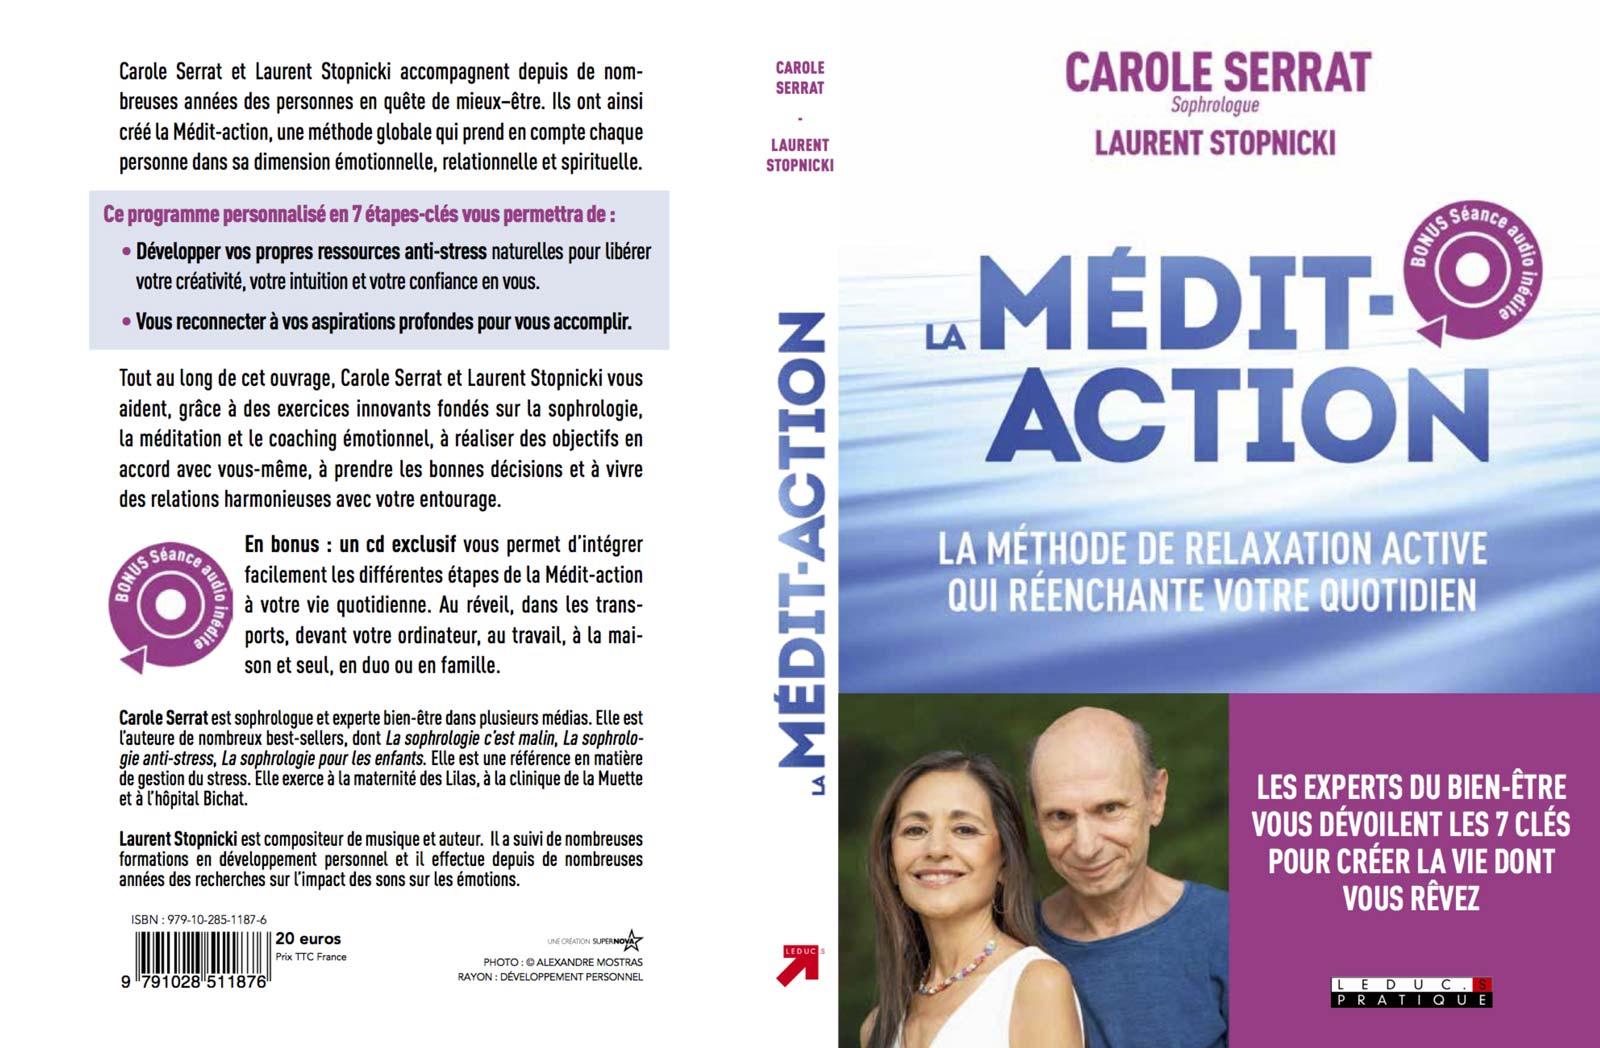 Carole Serrat - Médit action